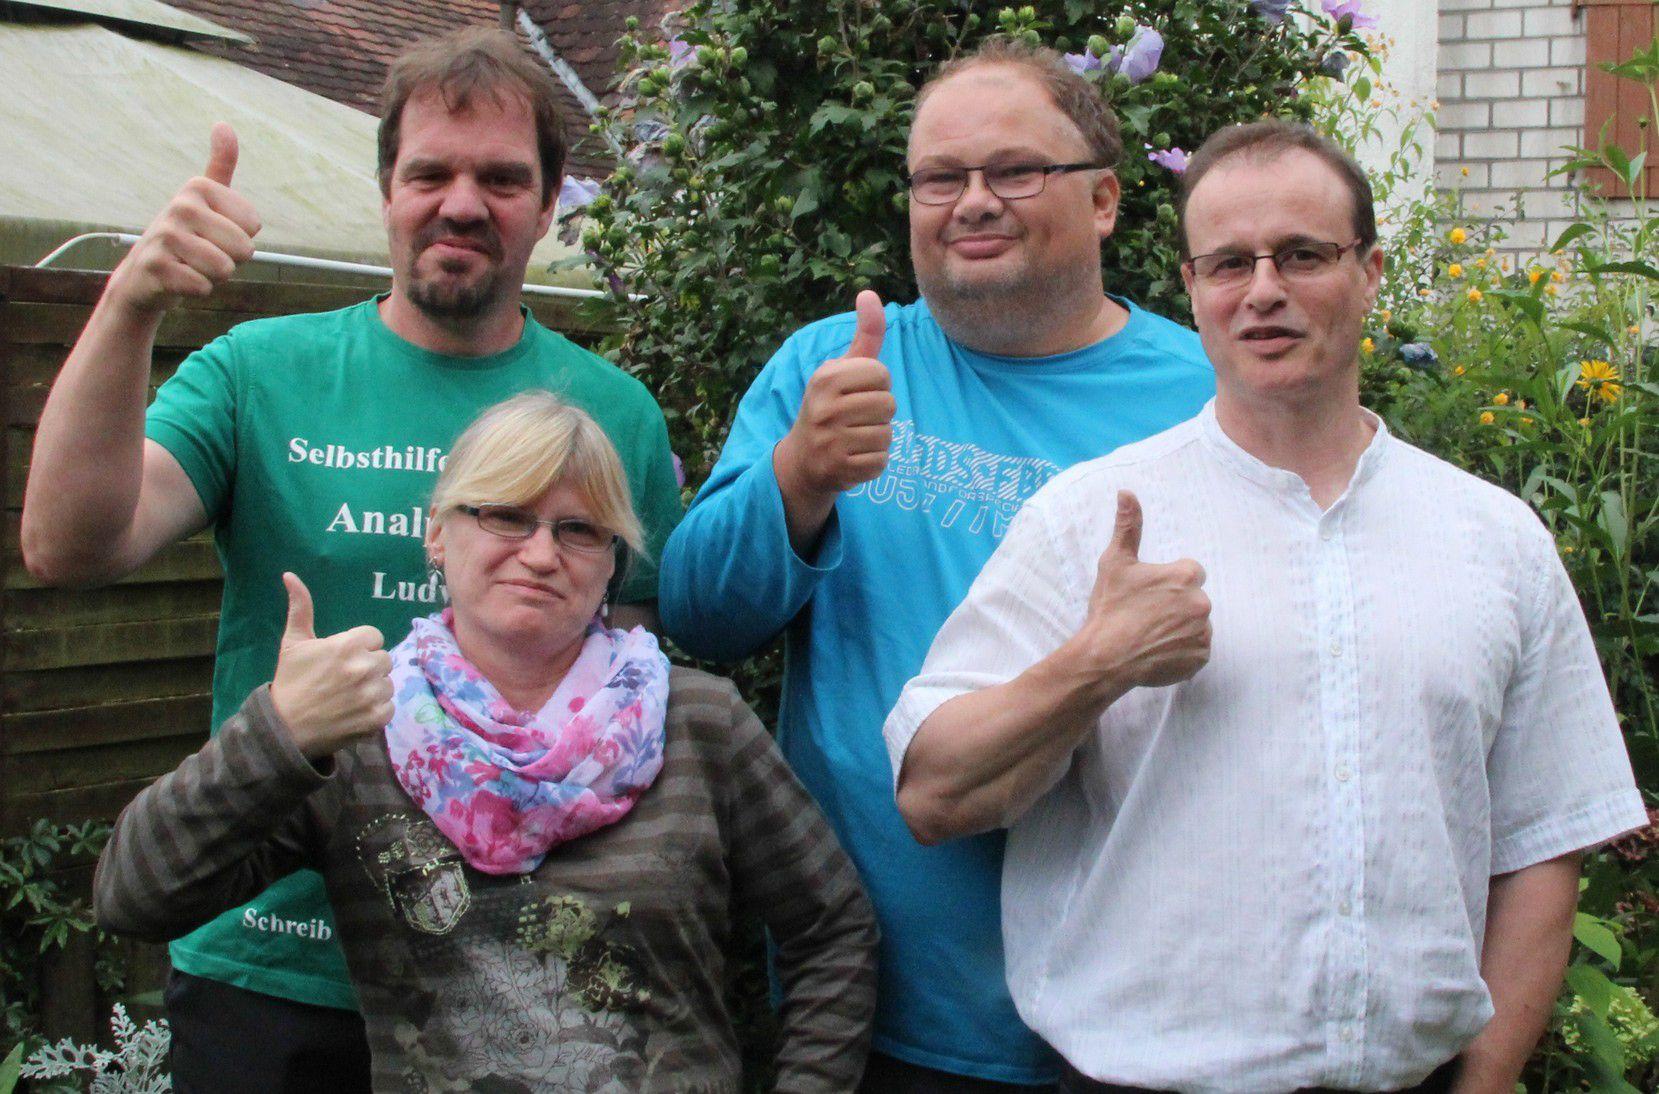 Einige Mitglieder der Selbsthilfegruppe Analphabeten Ludwigshafen-Mannheim